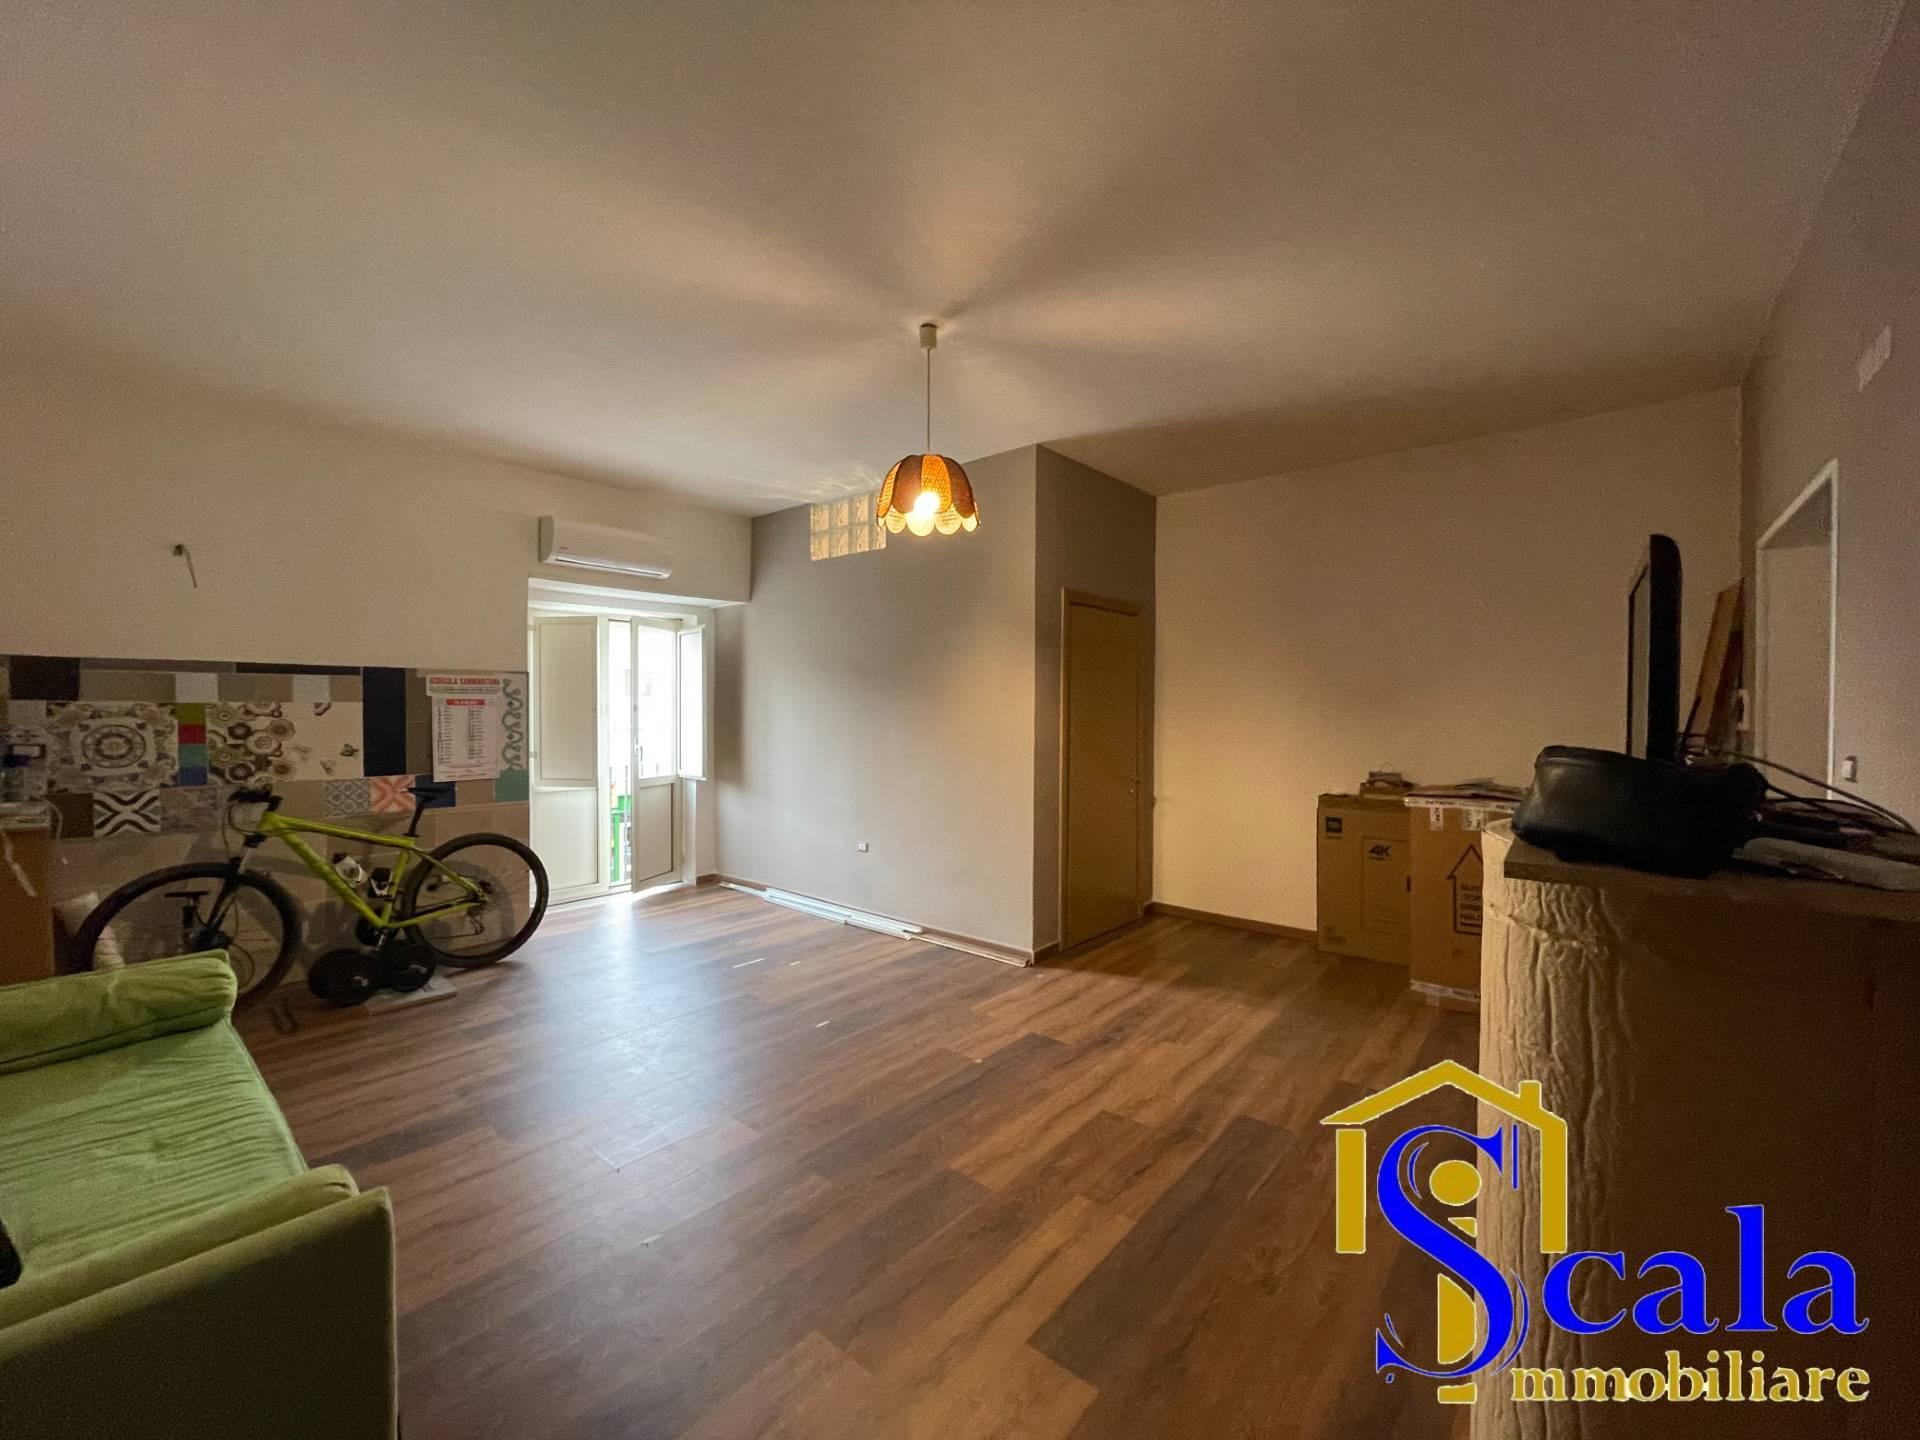 Appartamento in affitto a Capua, 2 locali, zona Località: S.AngeloinFormis, prezzo € 300   CambioCasa.it